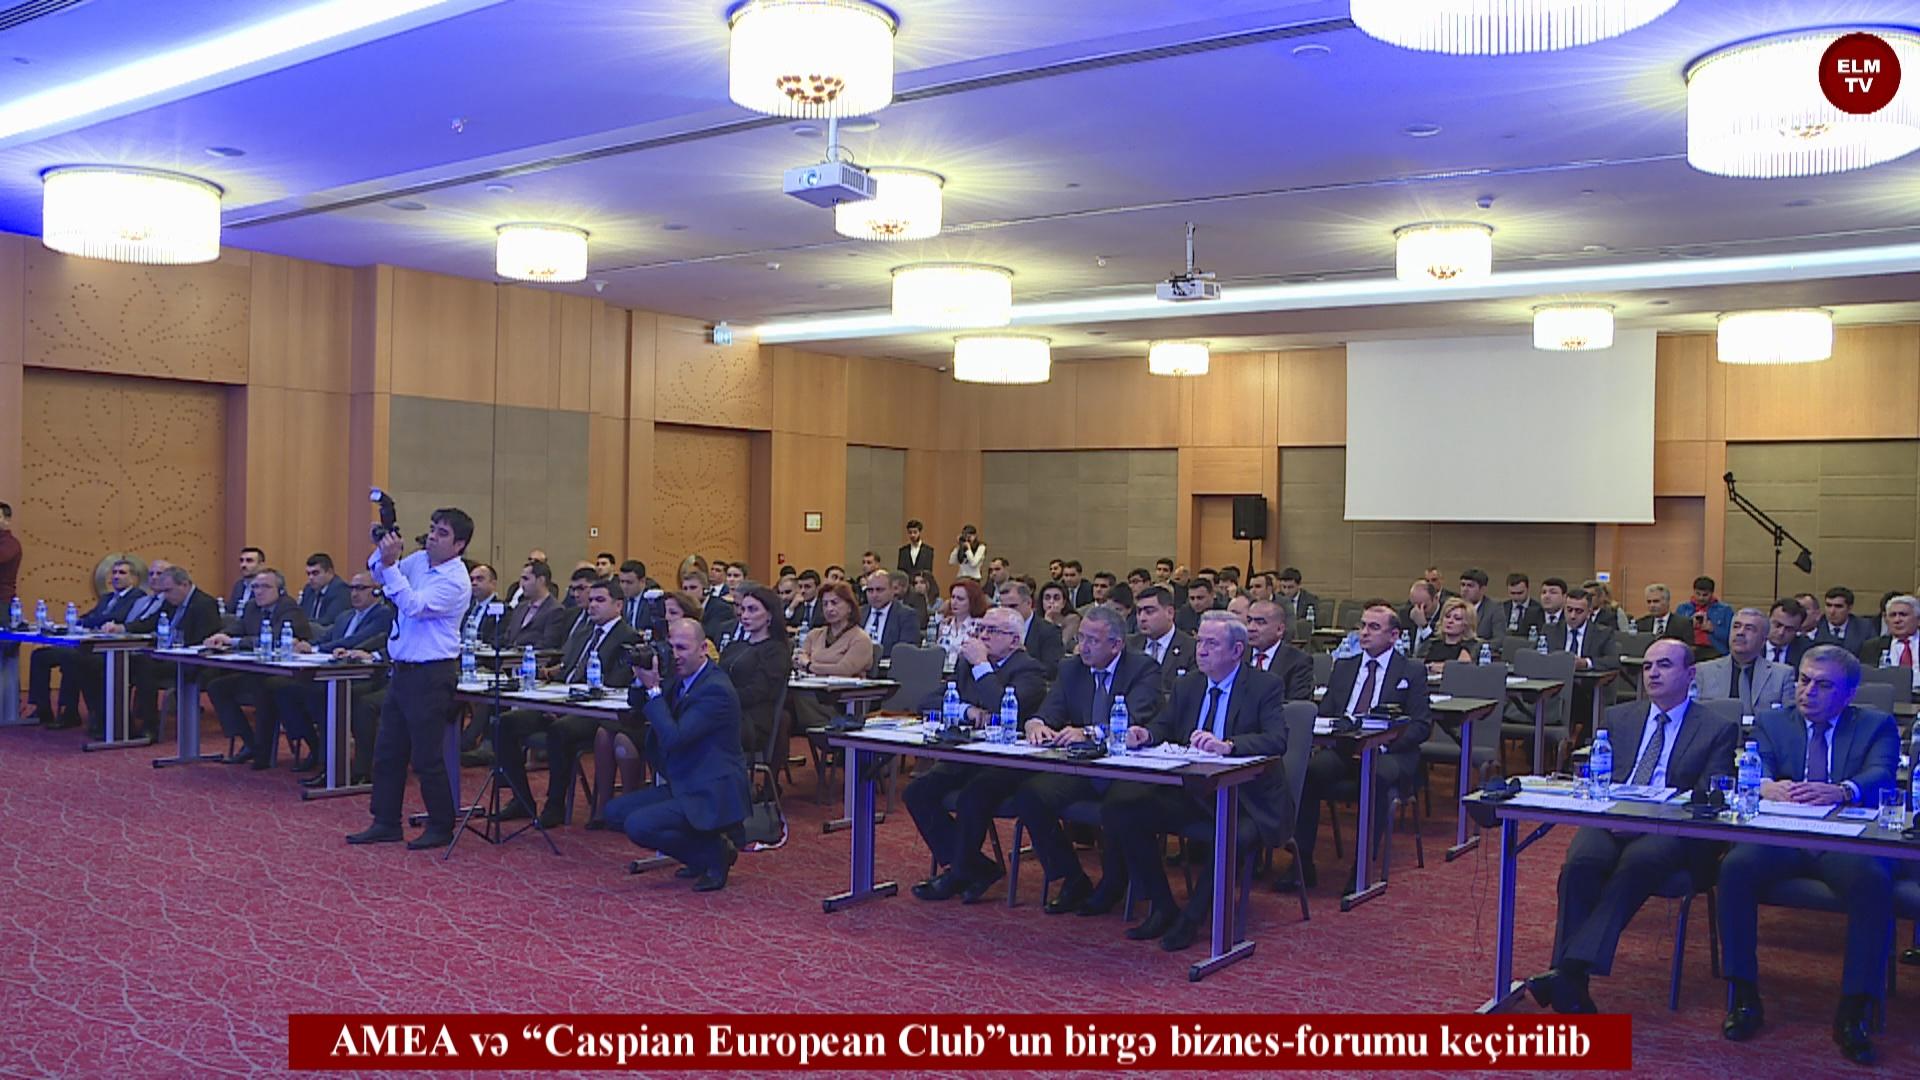 """AMEA və """"Caspian European Club""""un birgə biznes-forumu keçirilib"""